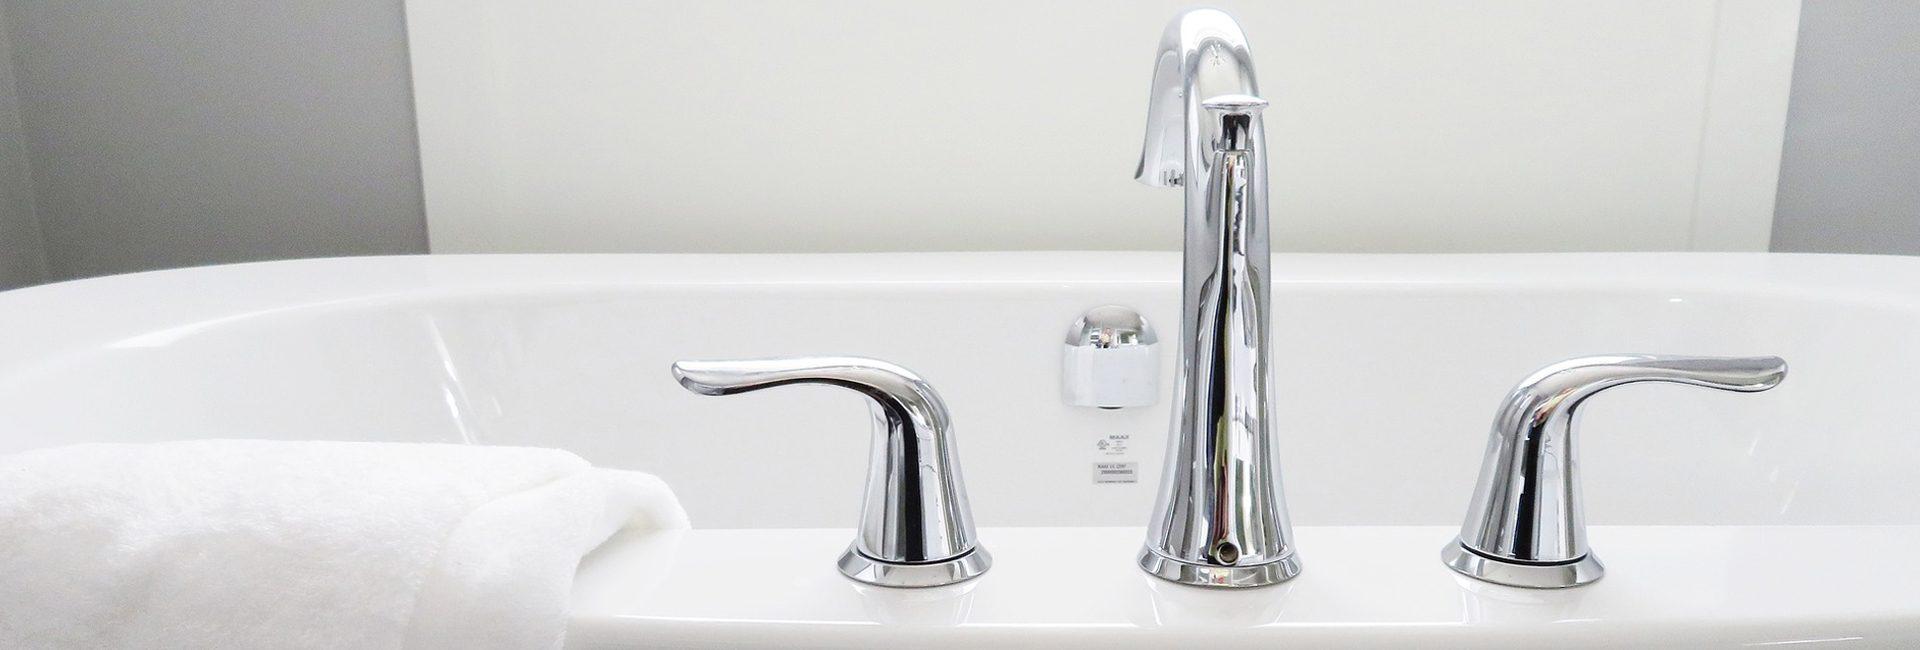 https://pixabay.com/de/photos/badewanne-bad-badezimmer-bad-wei%C3%9F-2485952/ 5 Tipps für das Badezimmer